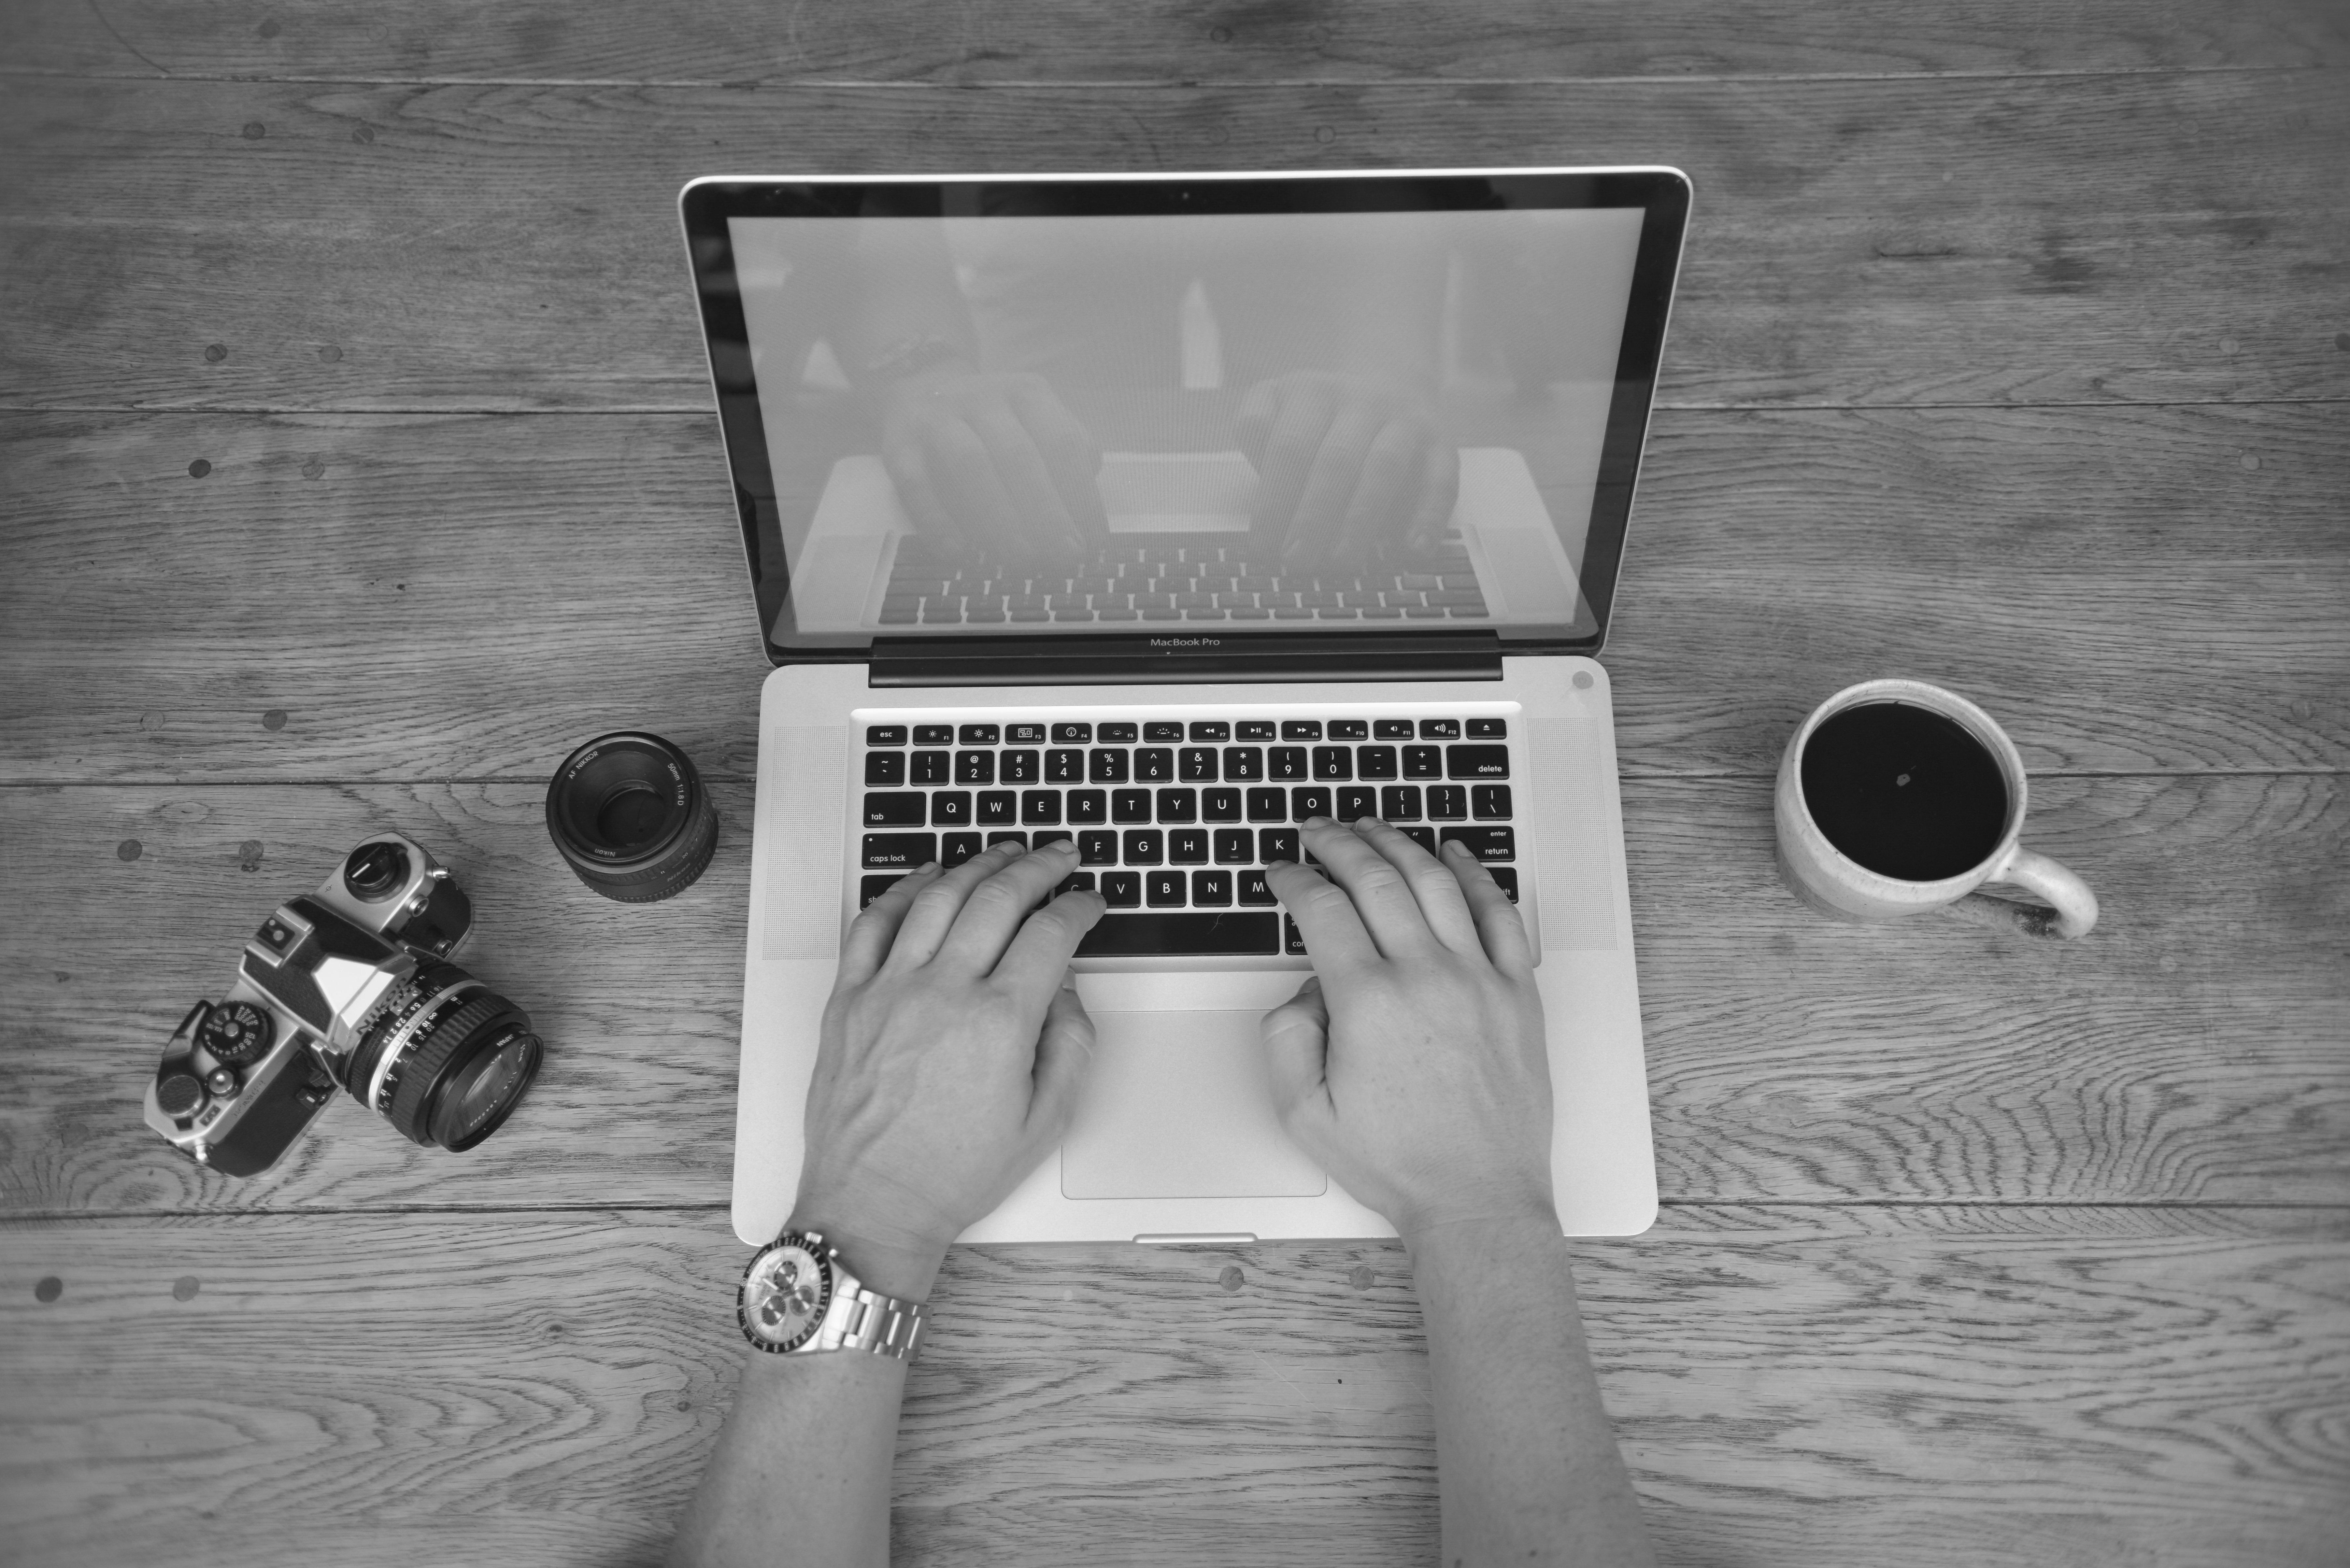 Manos escribiendo en portátil con al lado un café, una cámara de fotos y un objetivo